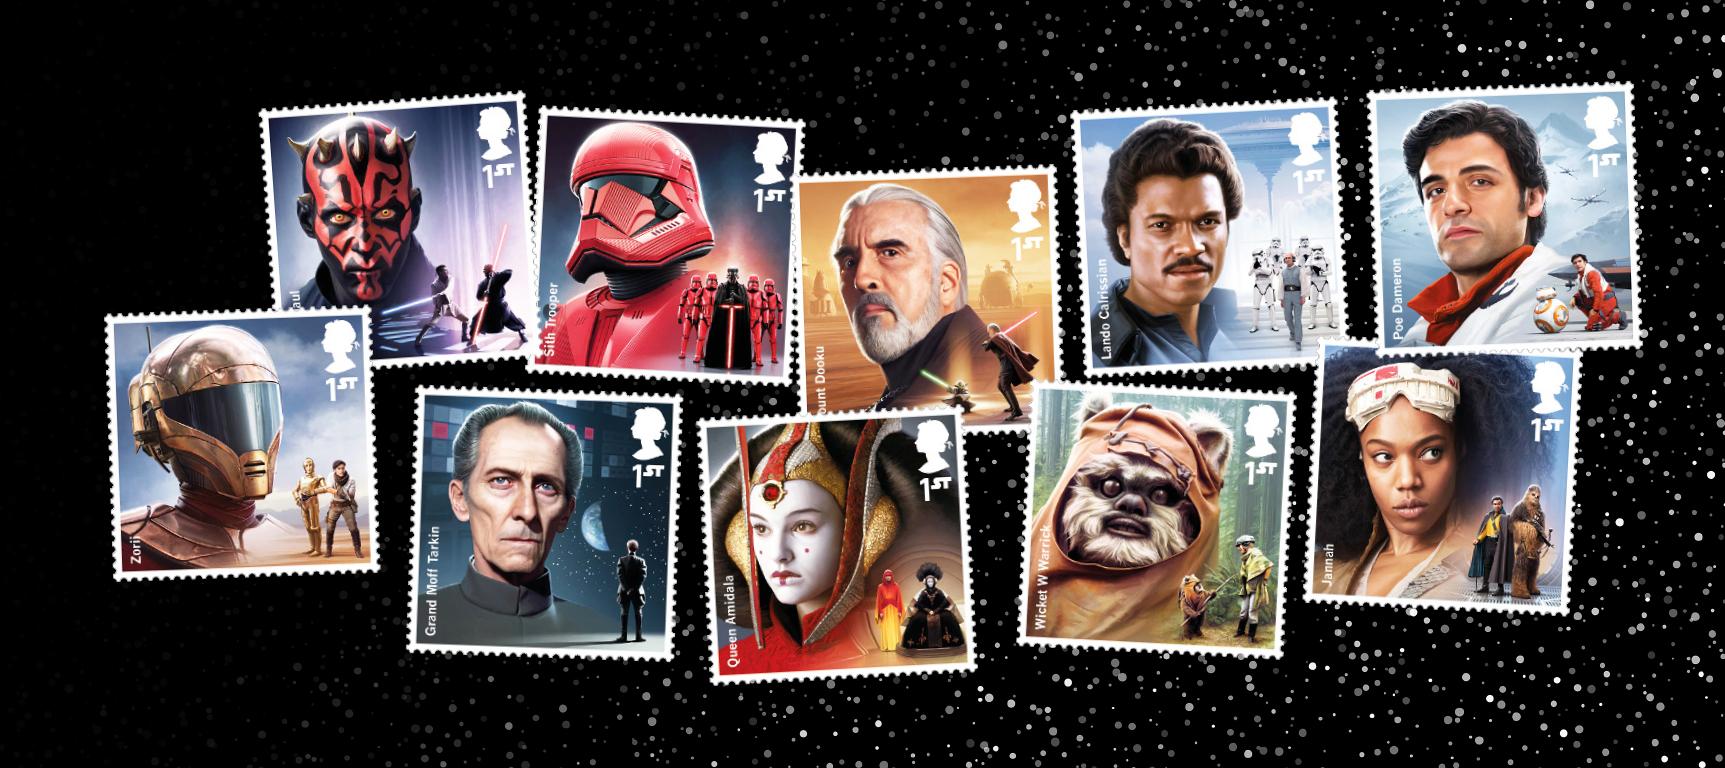 A Star Wars Stamp Presentation Pack